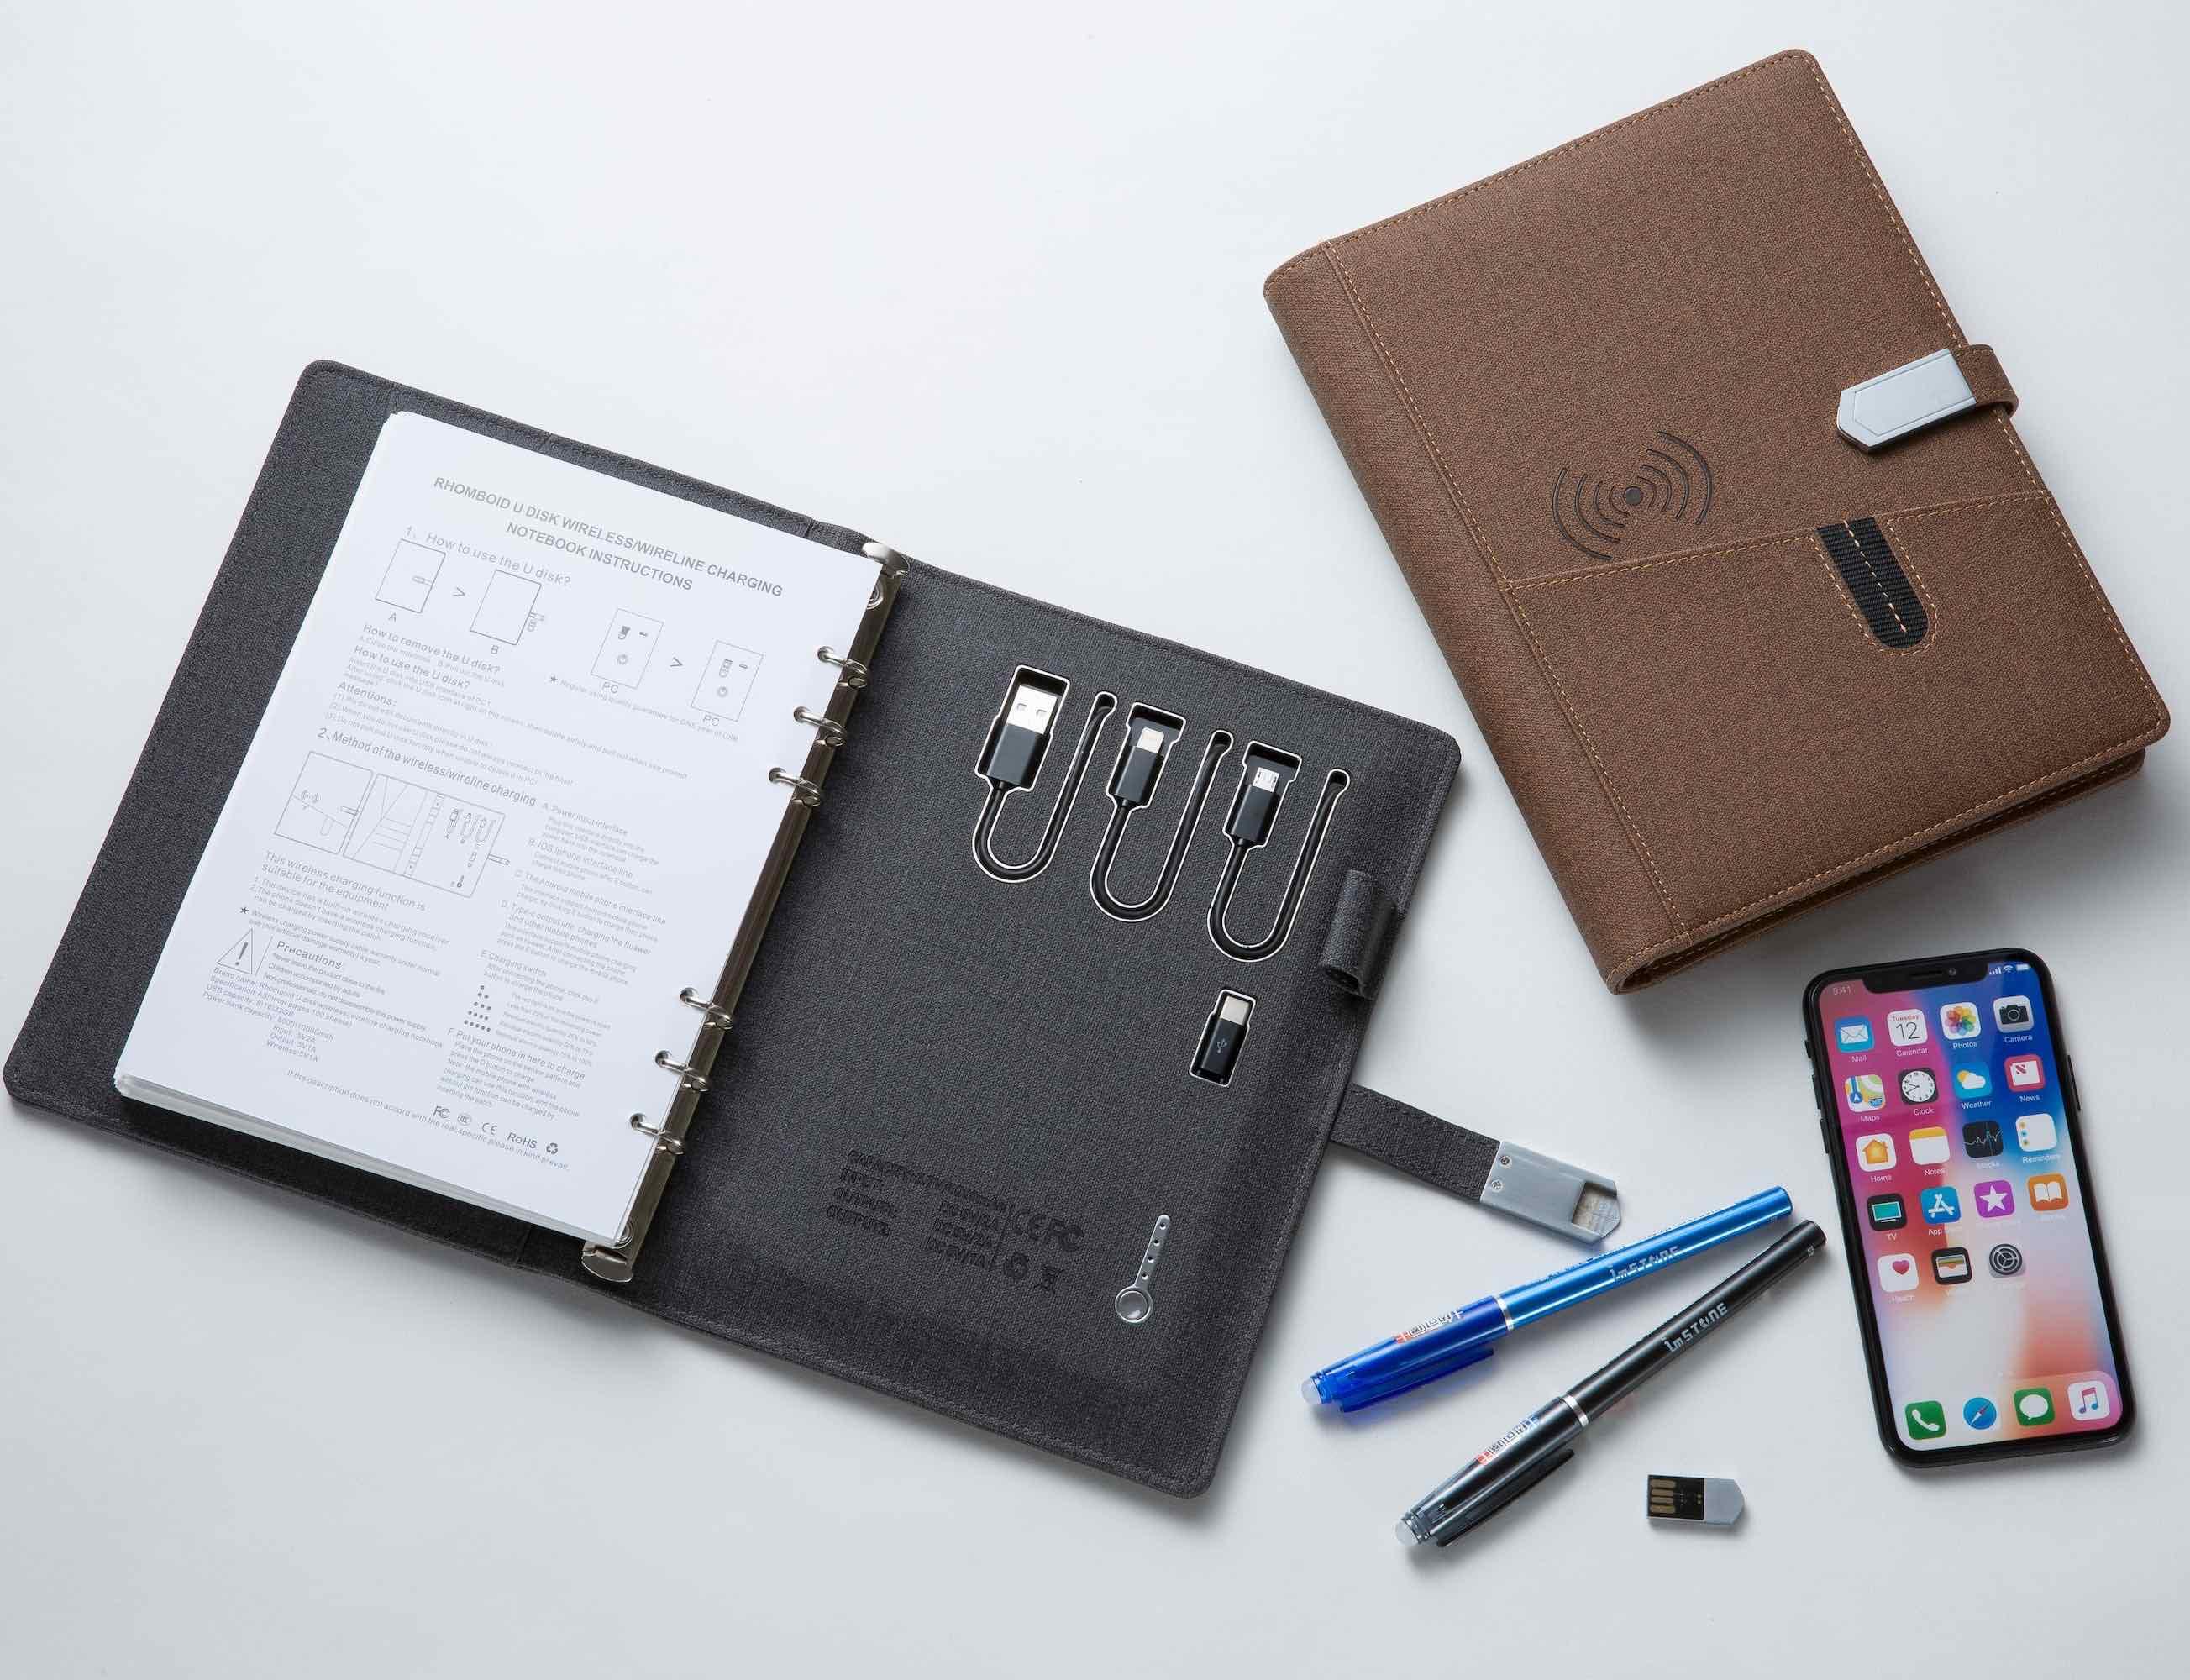 High Tech Wireless Charging Binder